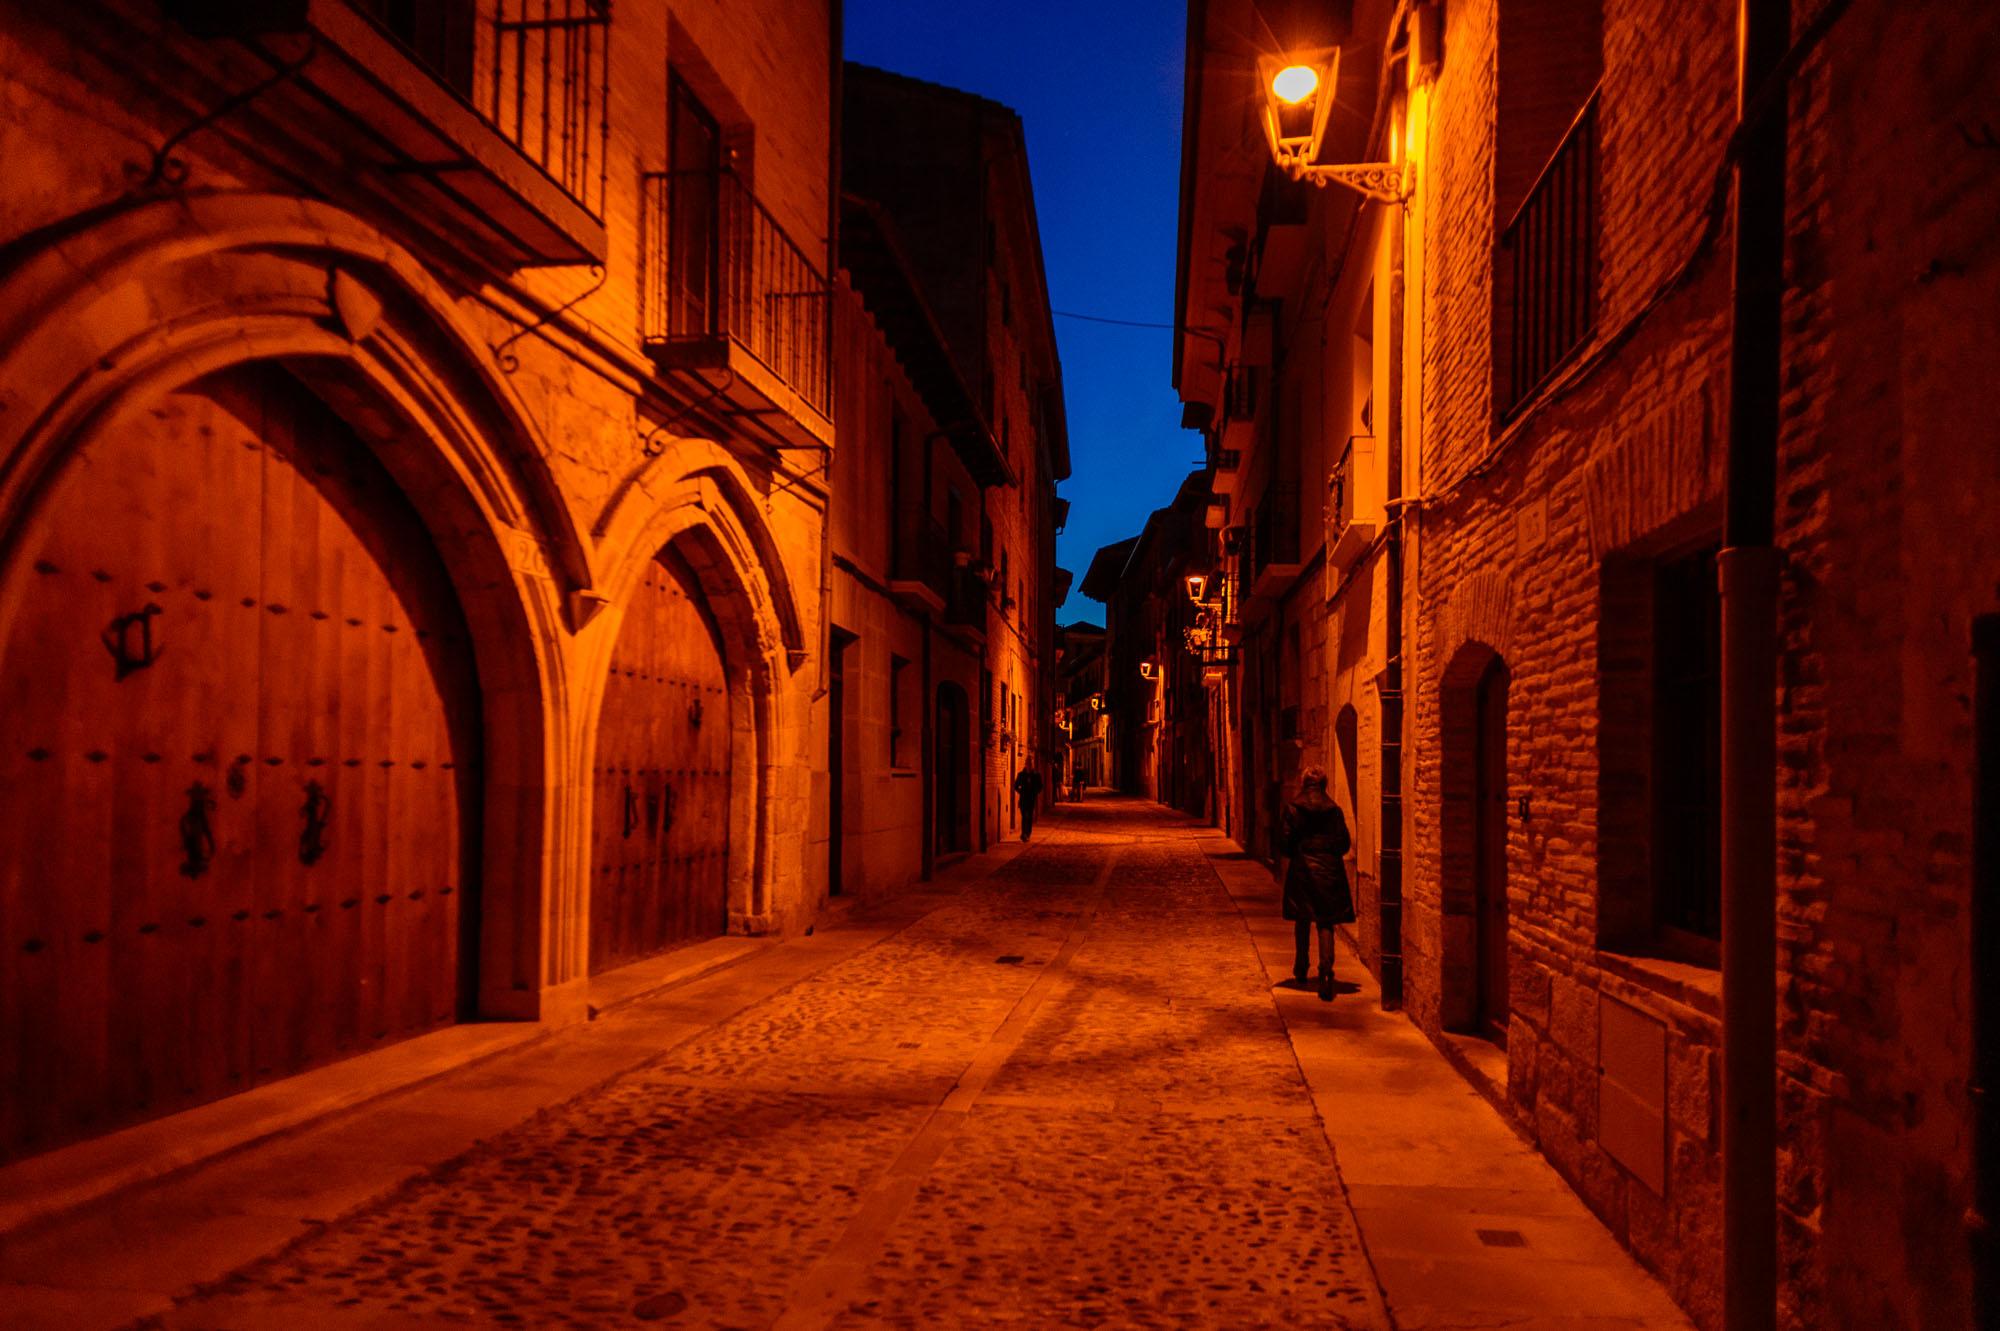 Estella, una judería en el Camino de Santiago - El viaje de ...